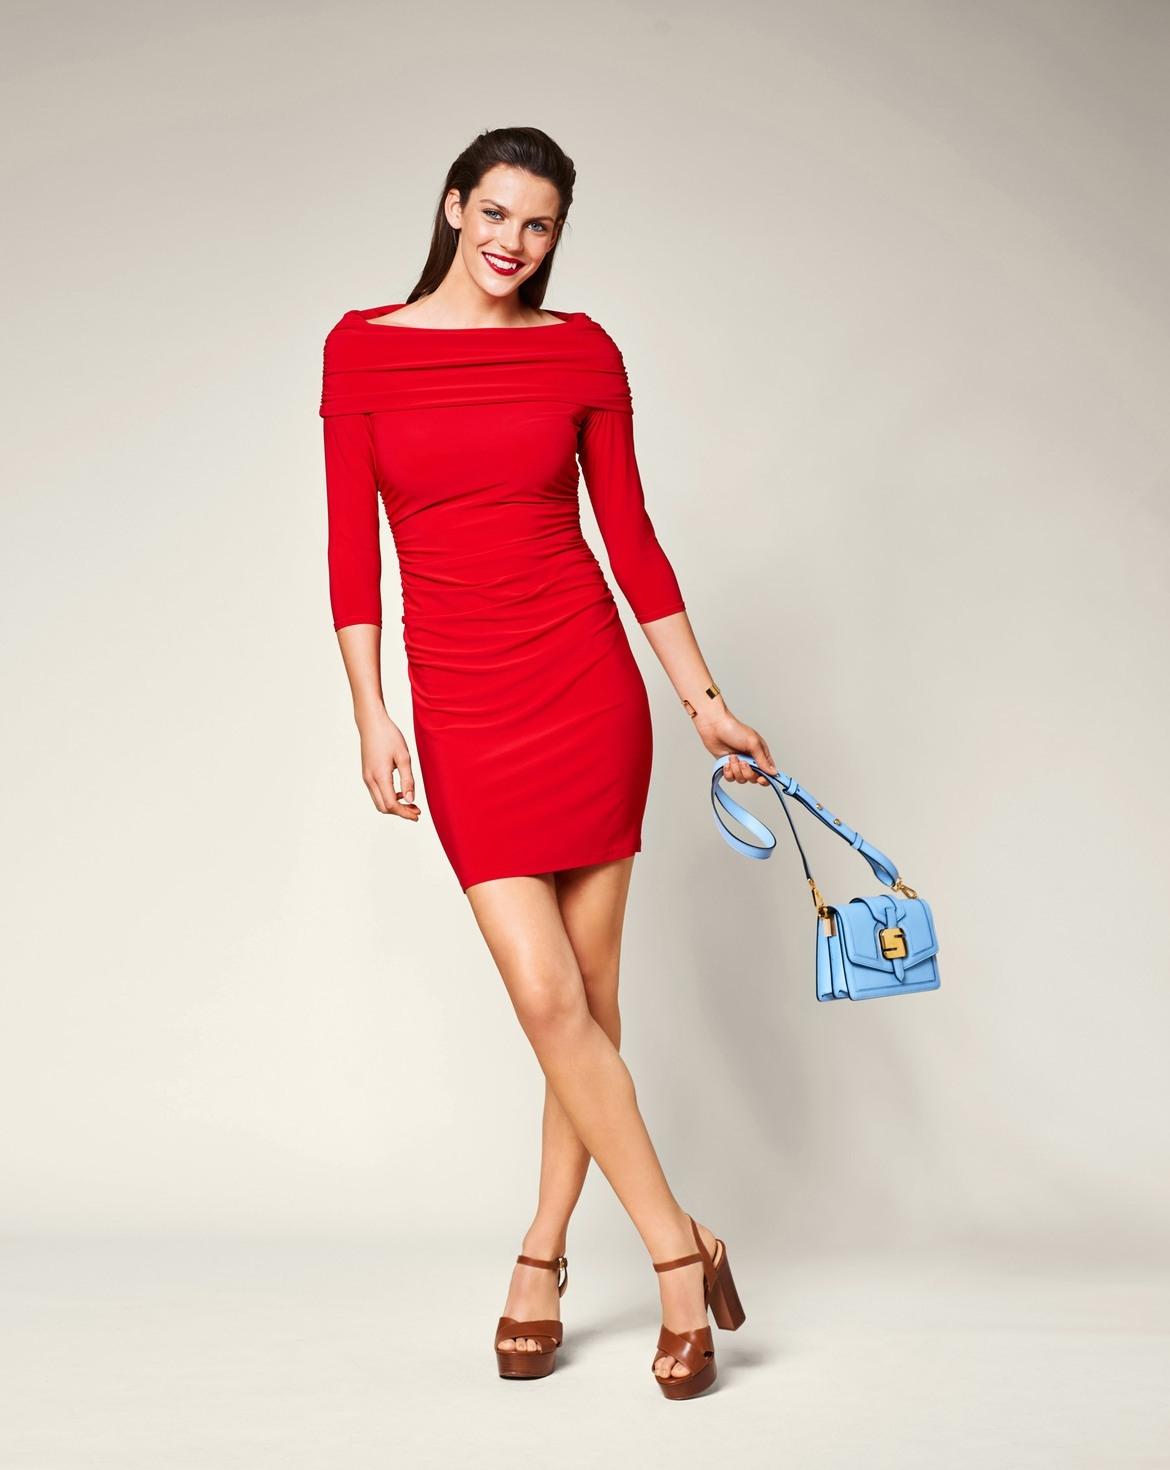 Perfekt Minikleid für 201913 Wunderbar Minikleid Design